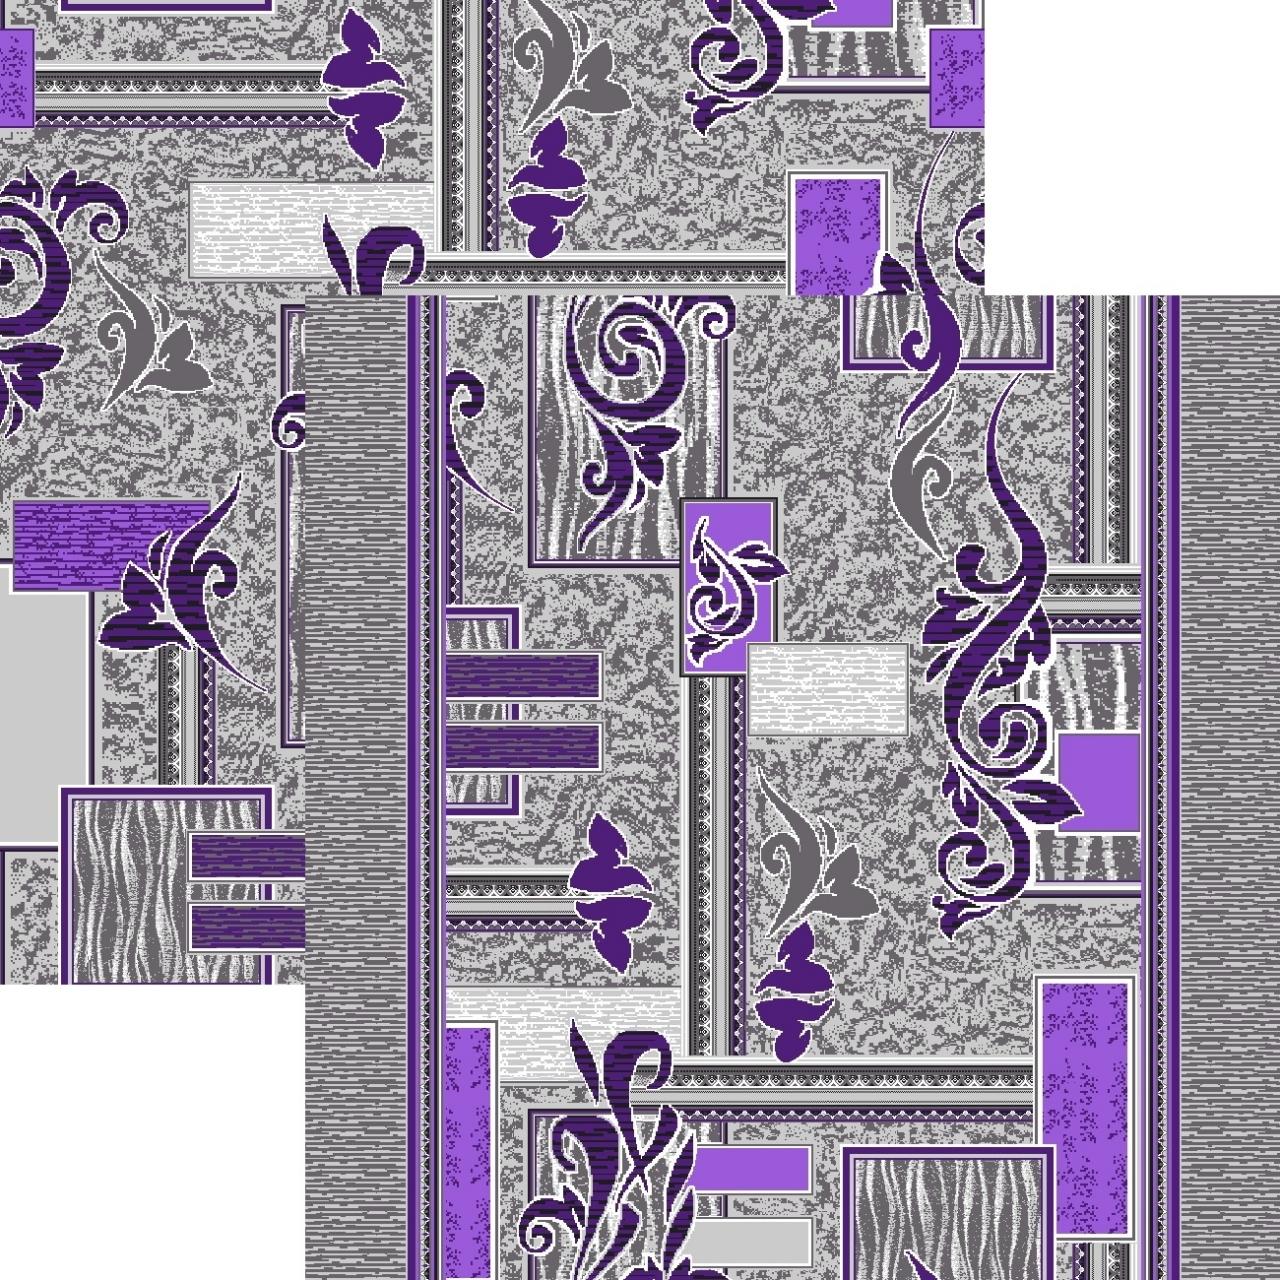 Ковровая дорожка p1530b2r - 50 - коллекция принт 8-ми цветная дорожка